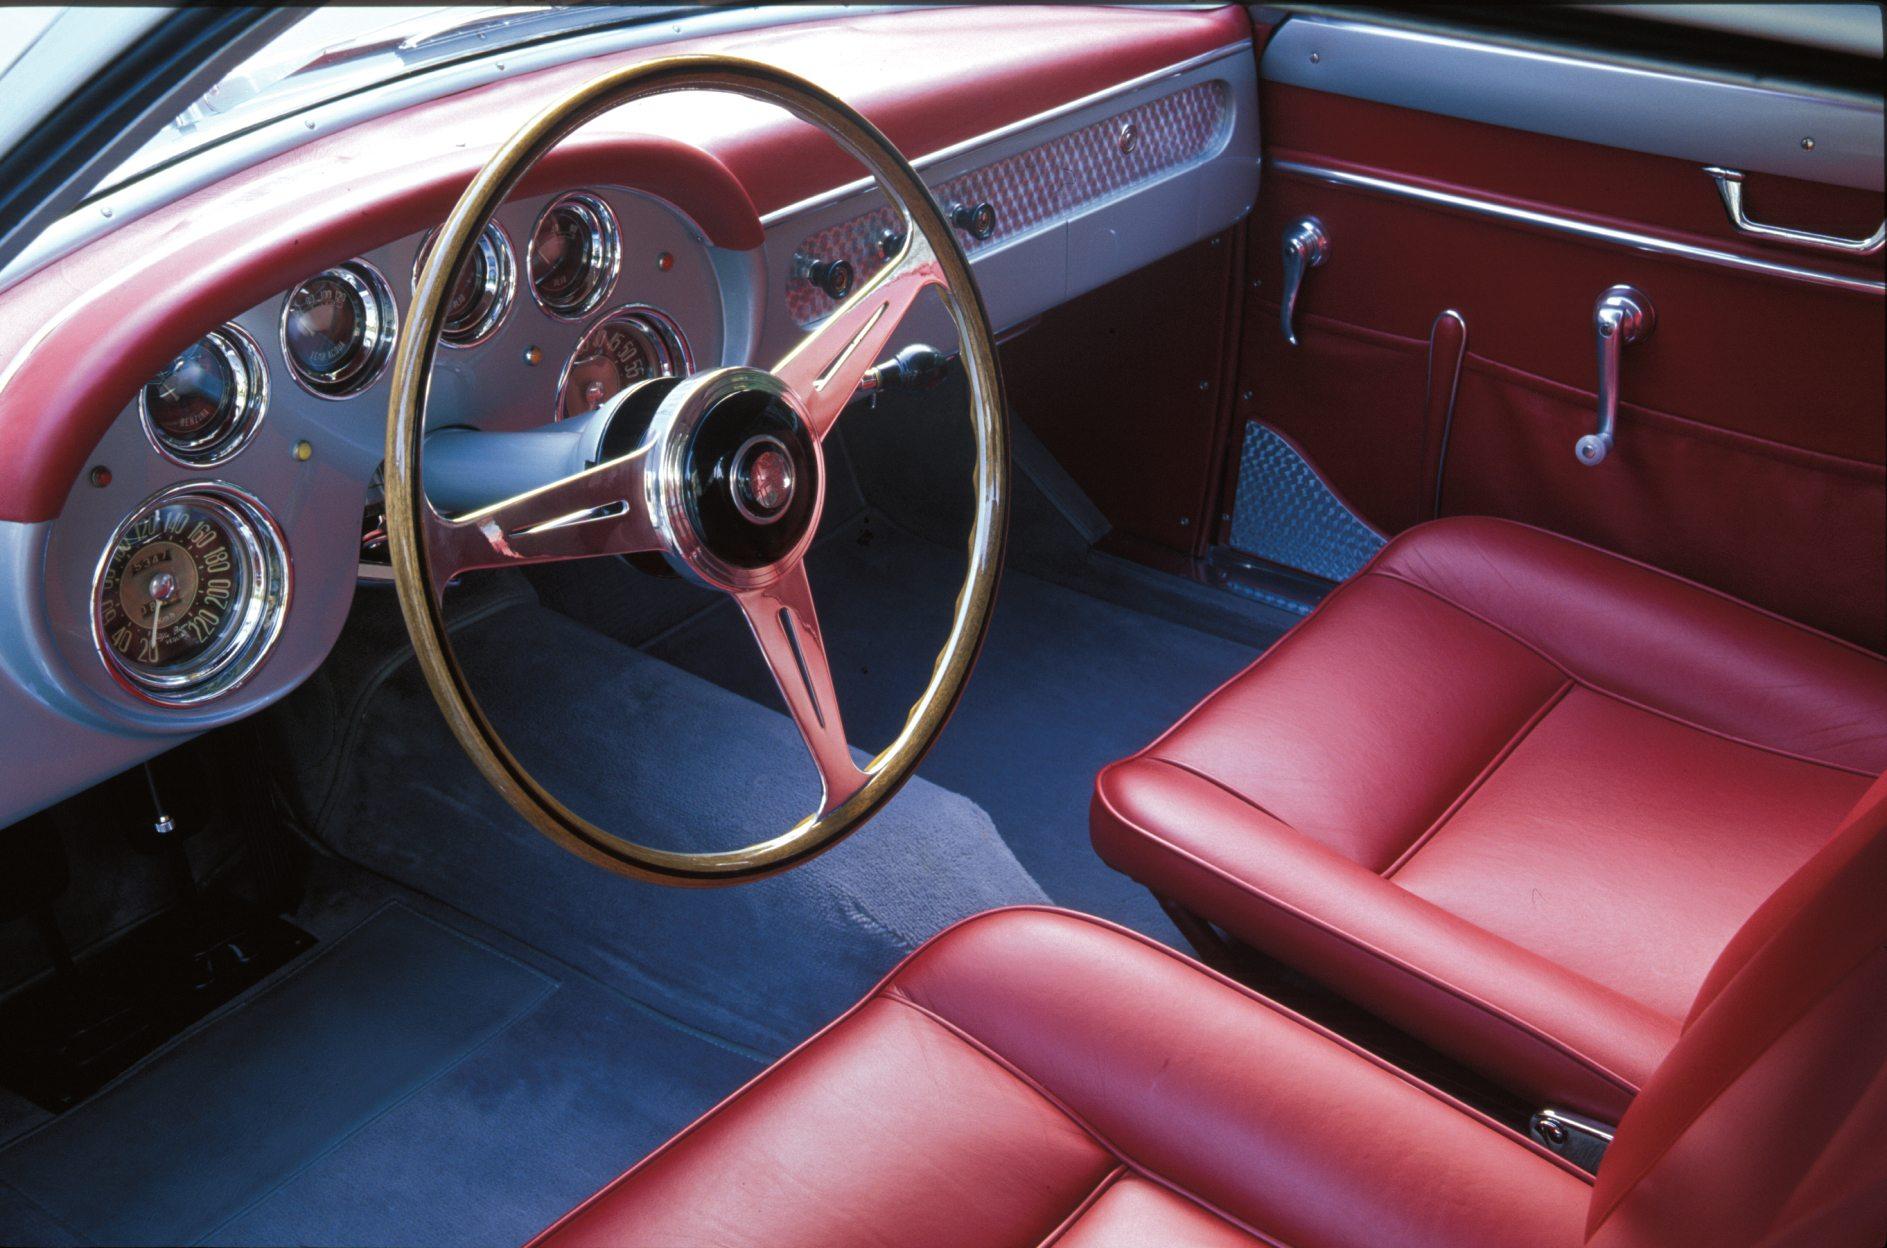 1956 Alfa Romeo 1900 SS Zagato Coupe Interior